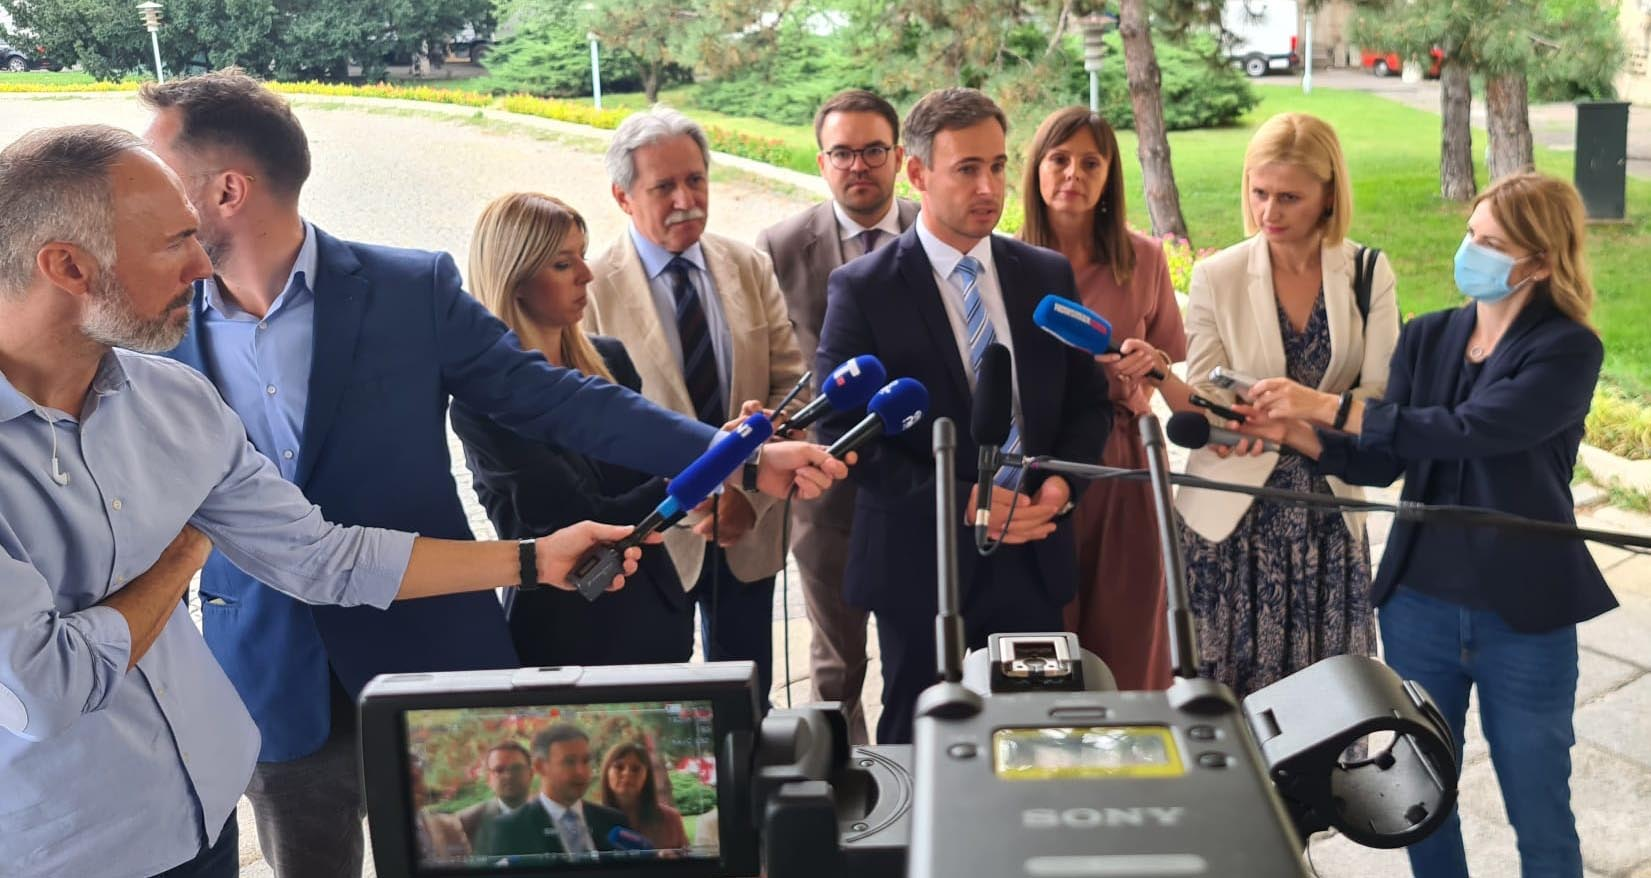 Алексић: Договор о изборима није близу, али остајемо у дијалогу док постоји шанса